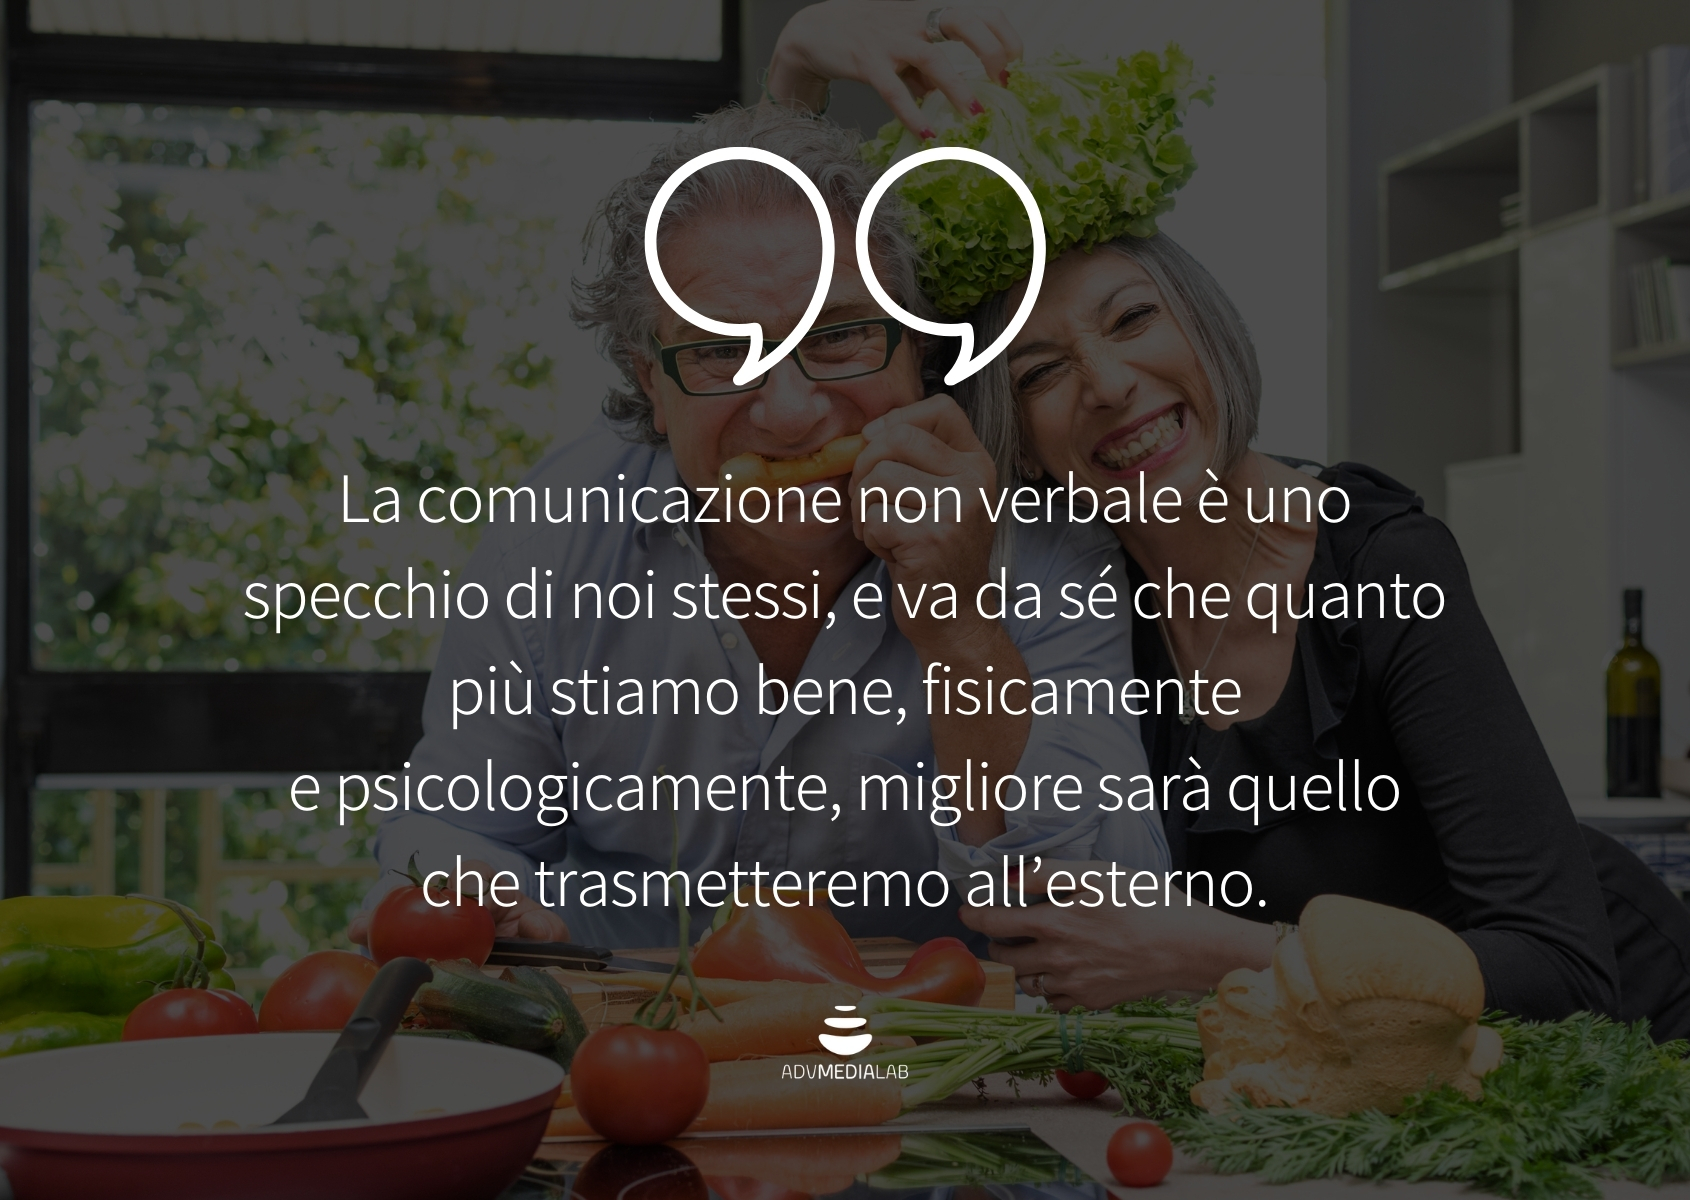 Comunicazione-nv-Quote10